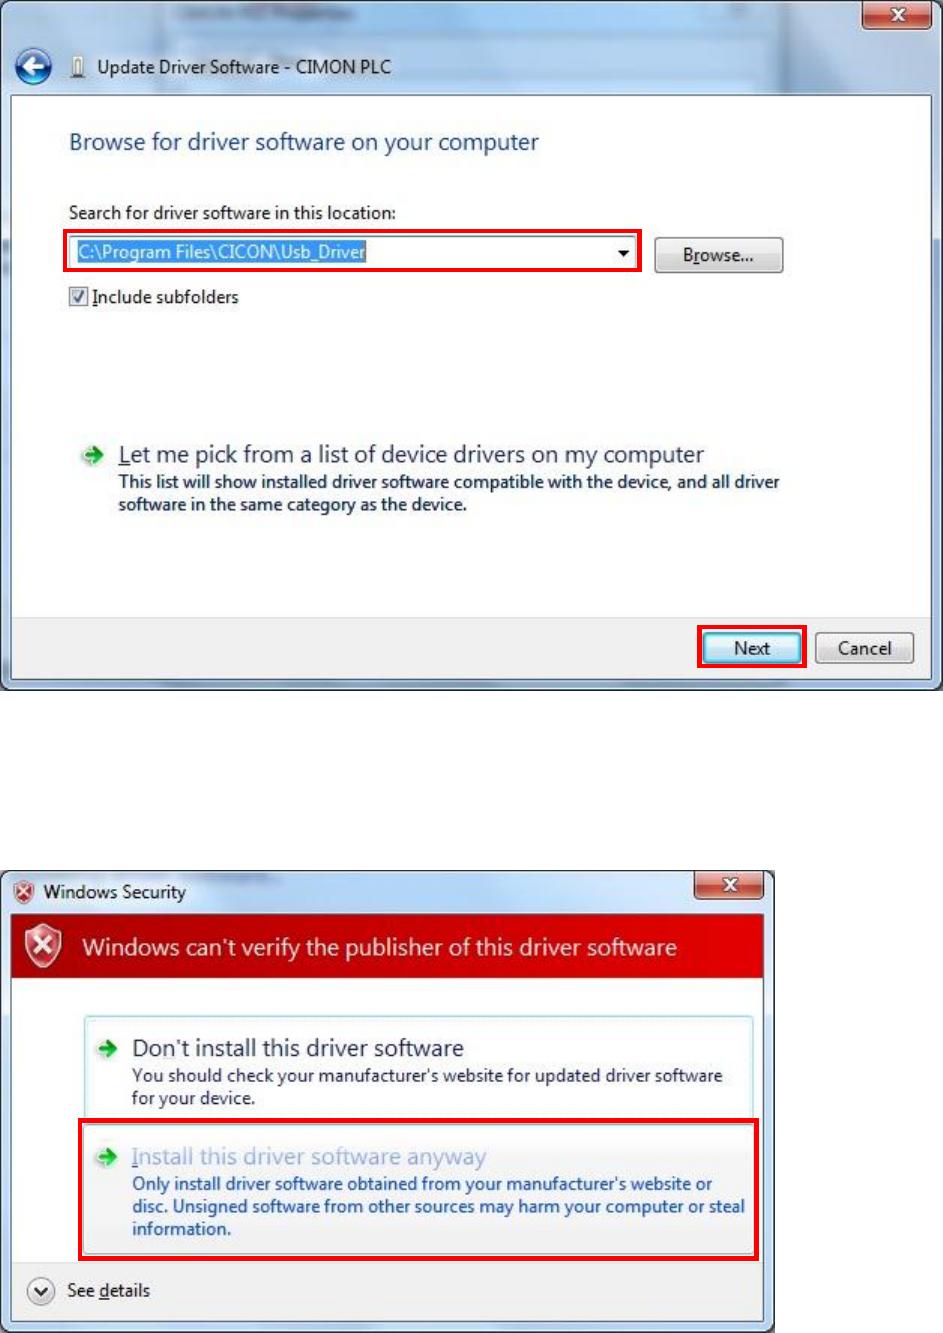 L010992 USB Driver Install